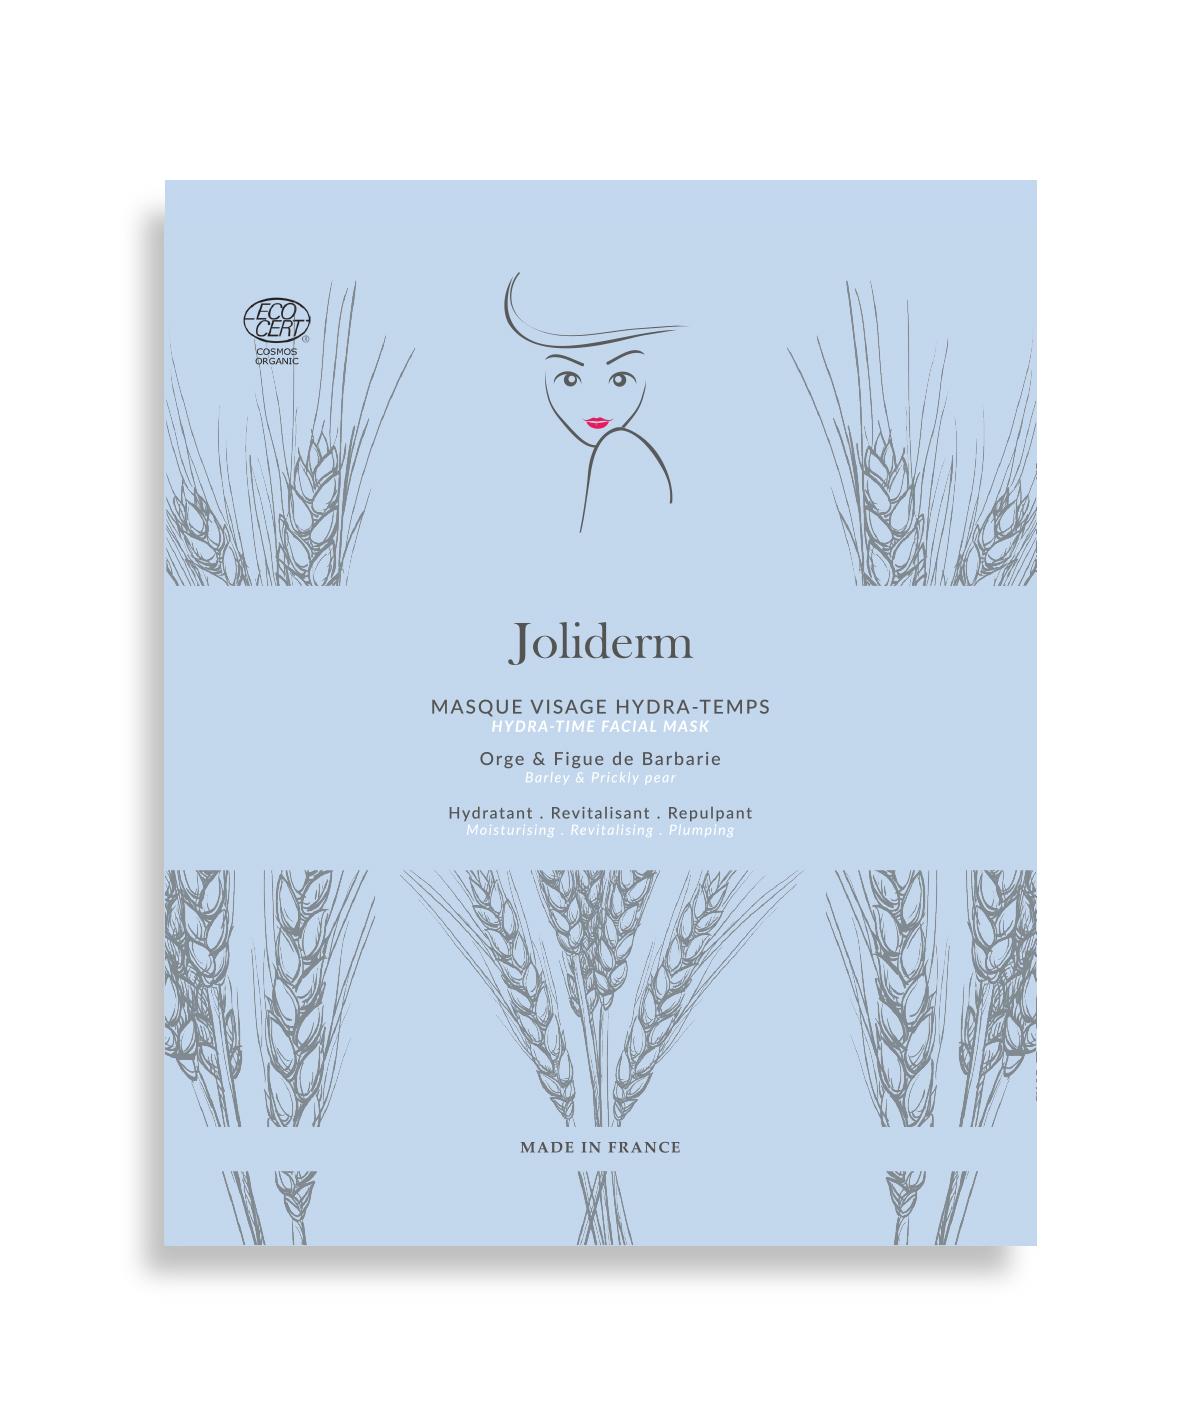 Joliderm-Masque-visage-hydratemps-